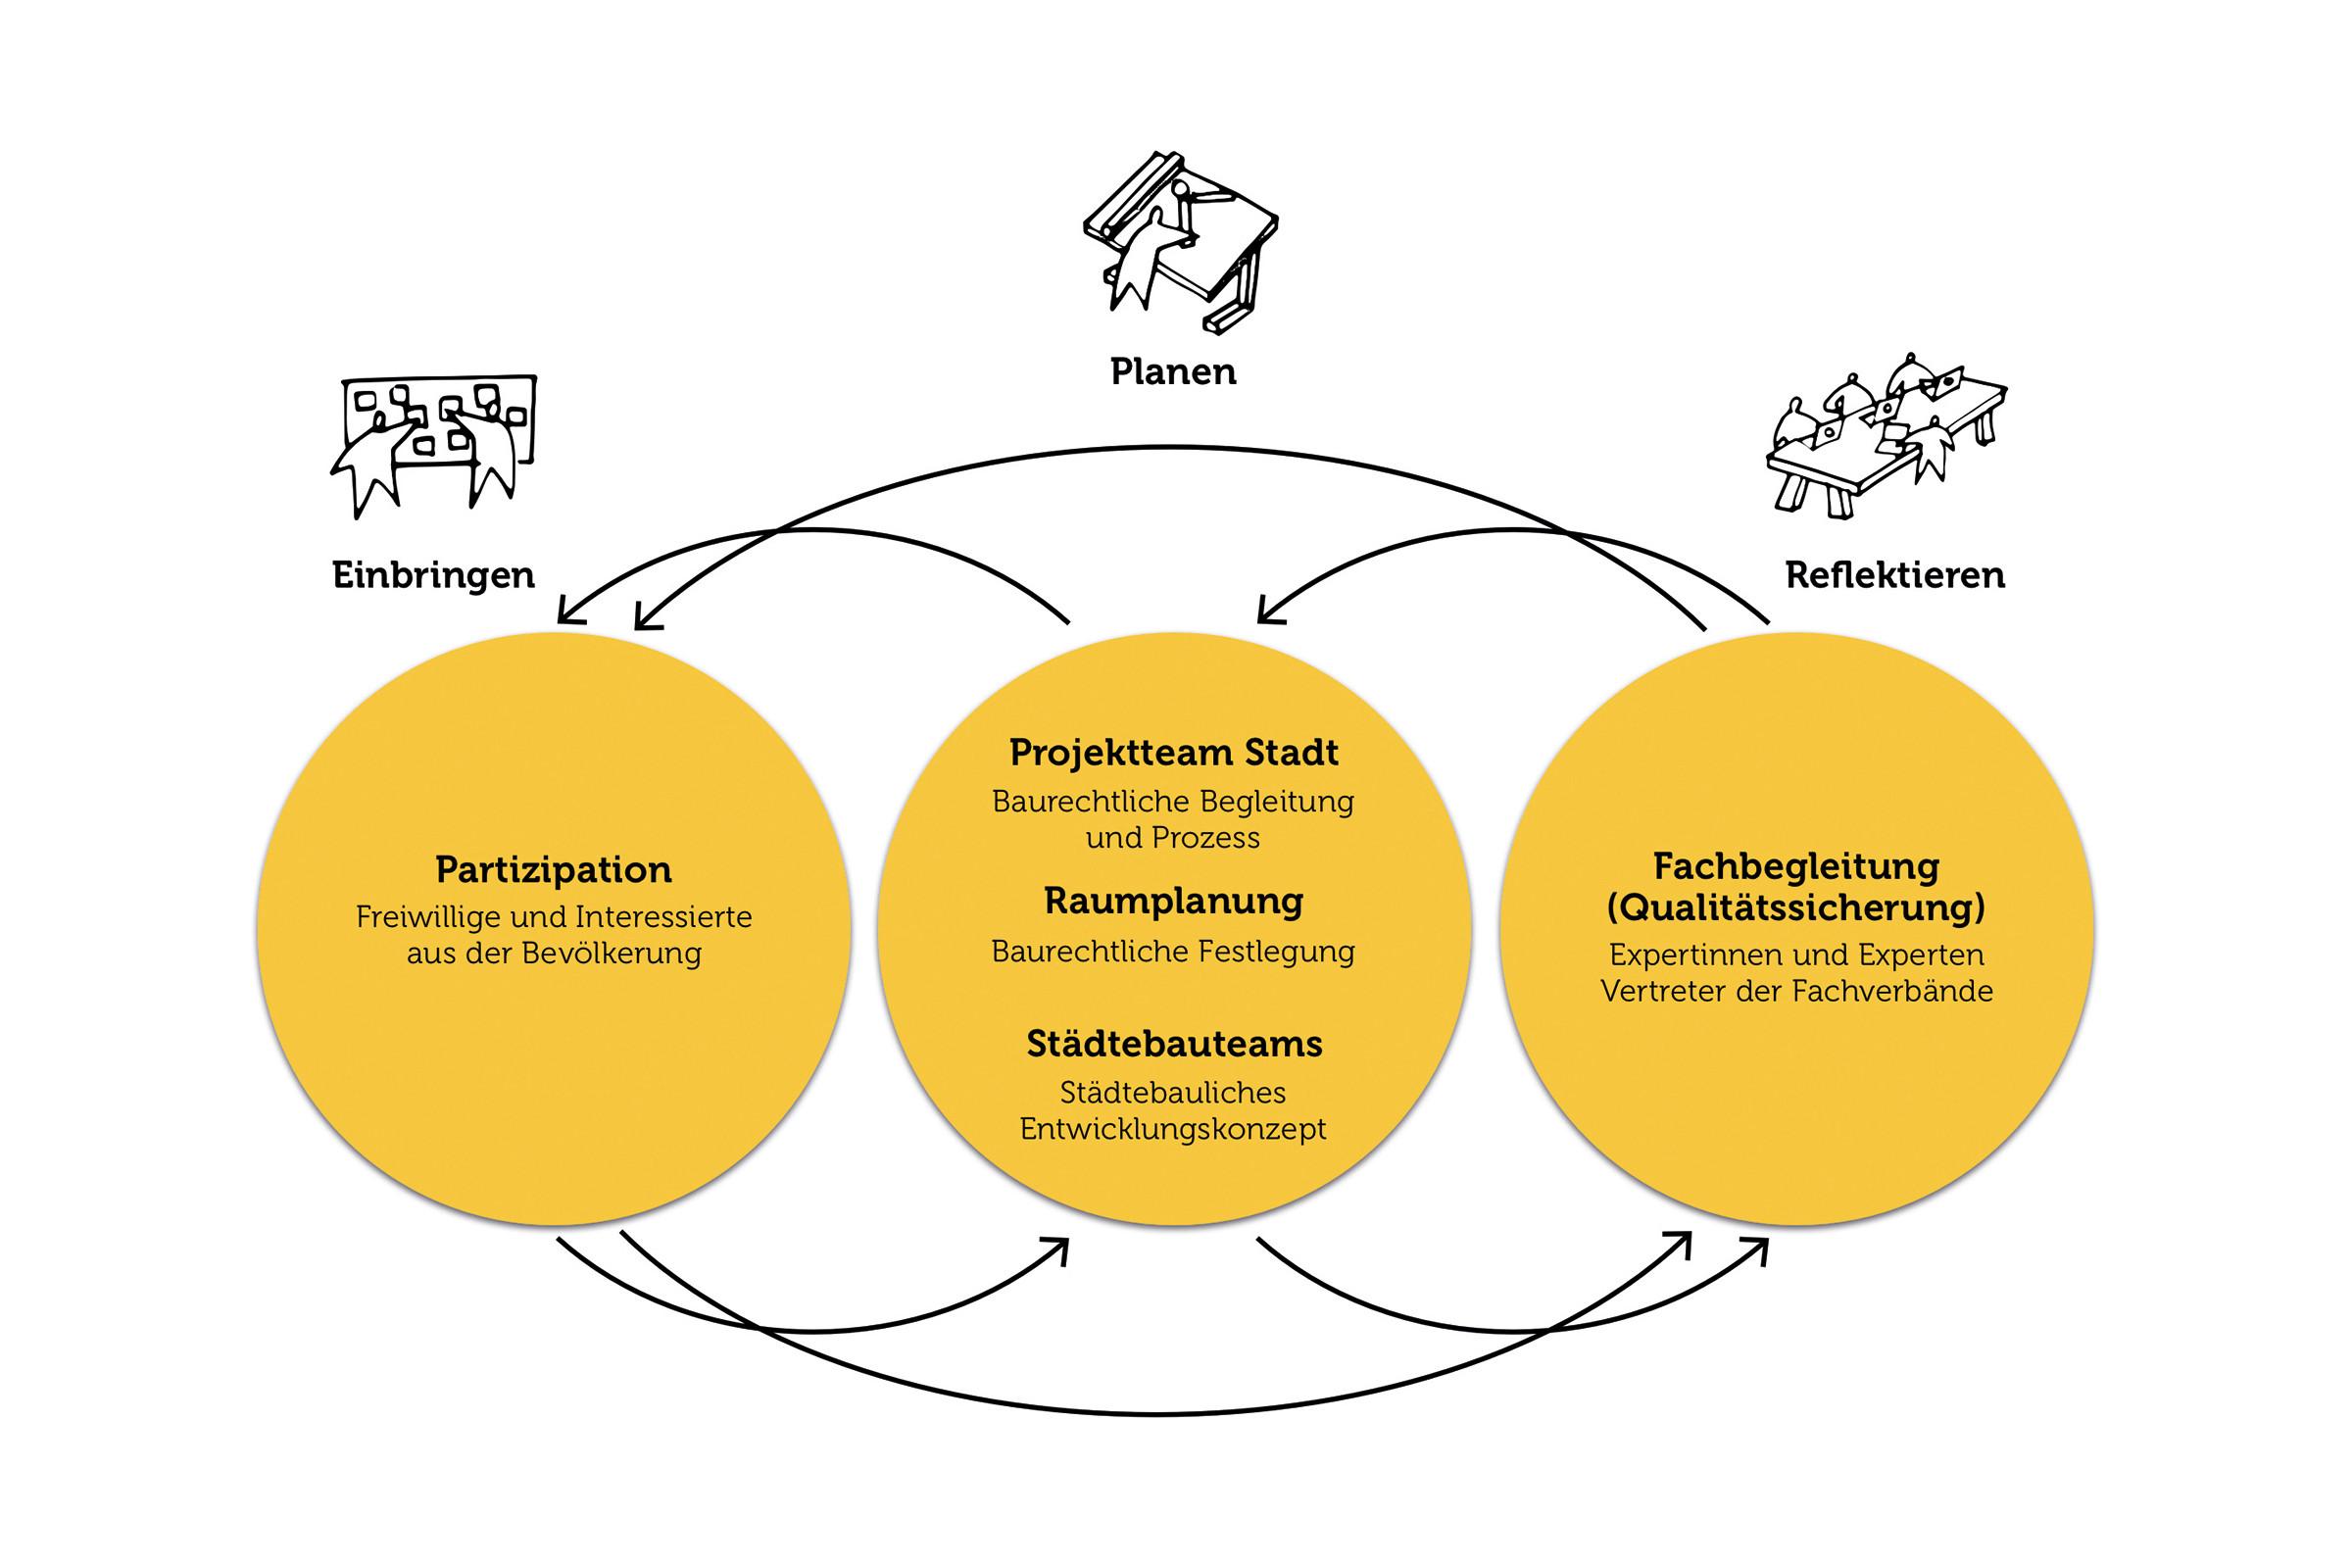 Offenen Dialog zwischen Bevölkerung, Politik und Verwaltung gestalten.